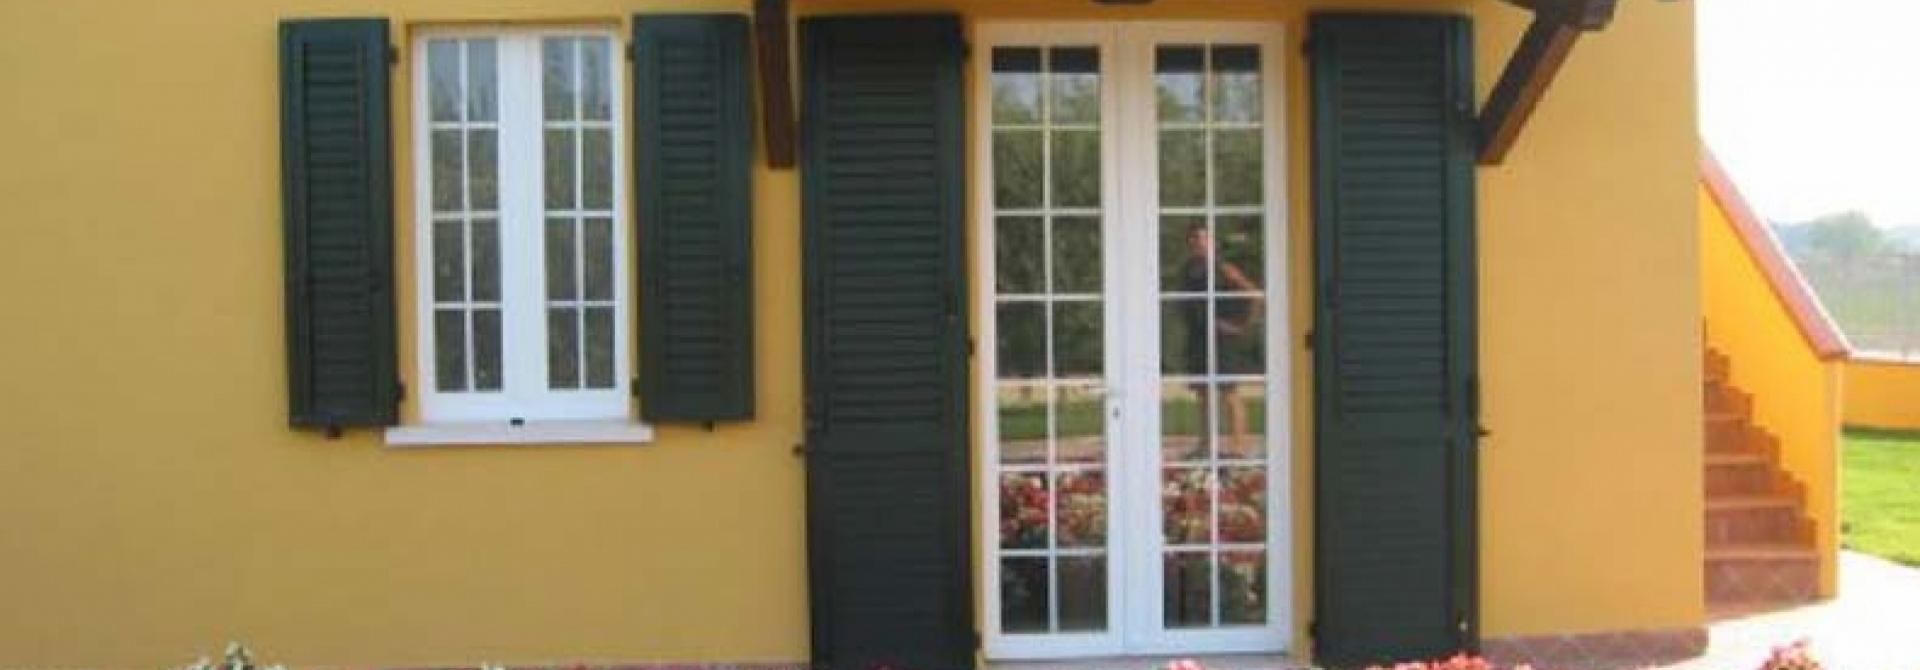 Infissi bologna finestre porte serramenti bologna - Finestre sicurezza ...